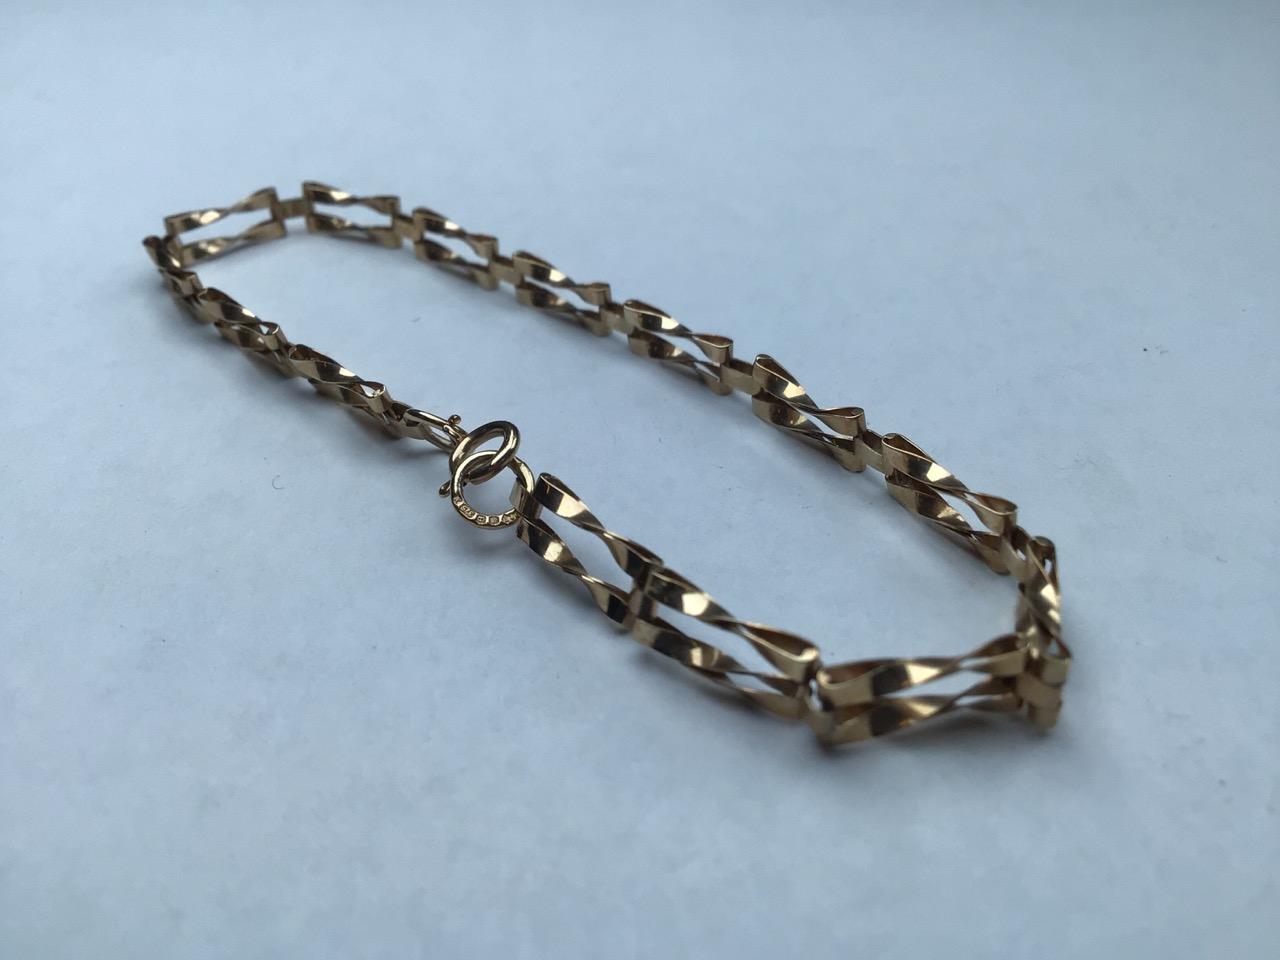 9ct gold fancy link bracelet. 1.8g 16cm - Image 4 of 4